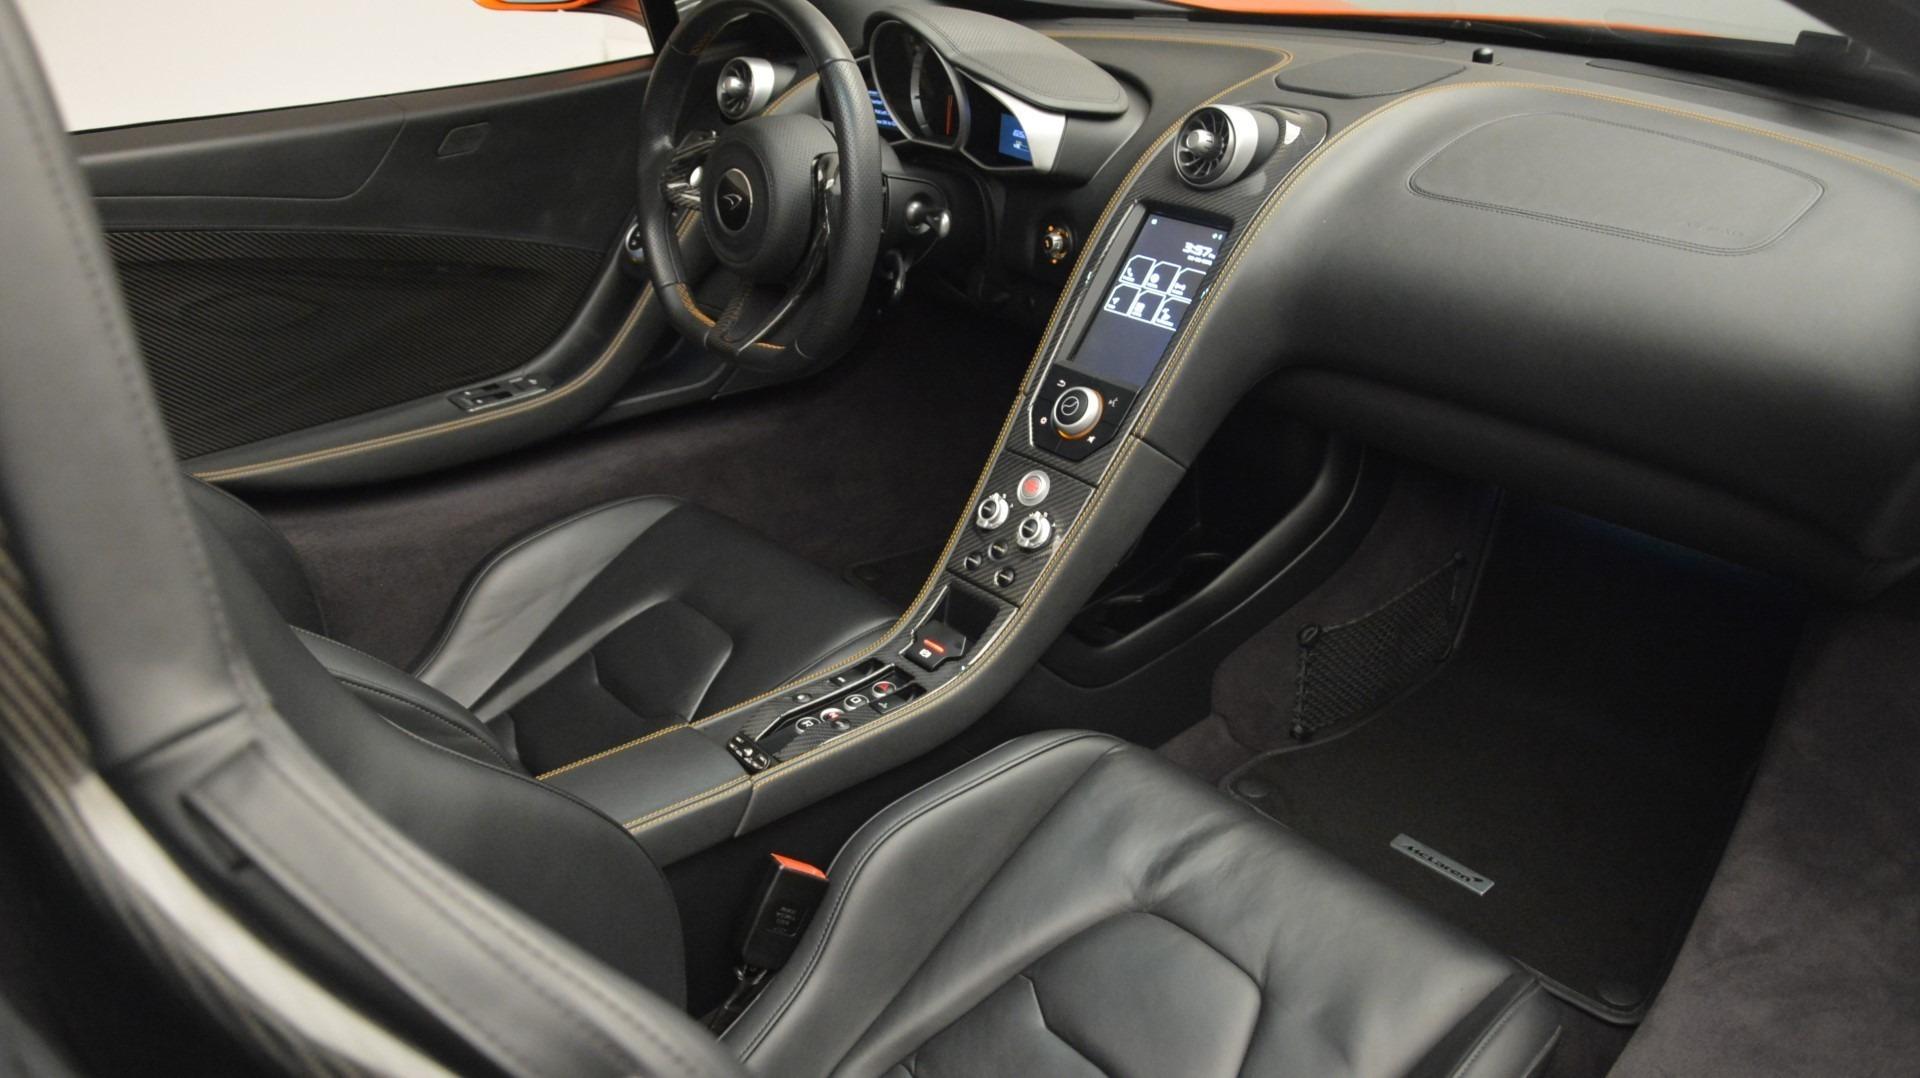 Used 2015 McLaren 650S Spider Convertible For Sale In Westport, CT 2375_p24